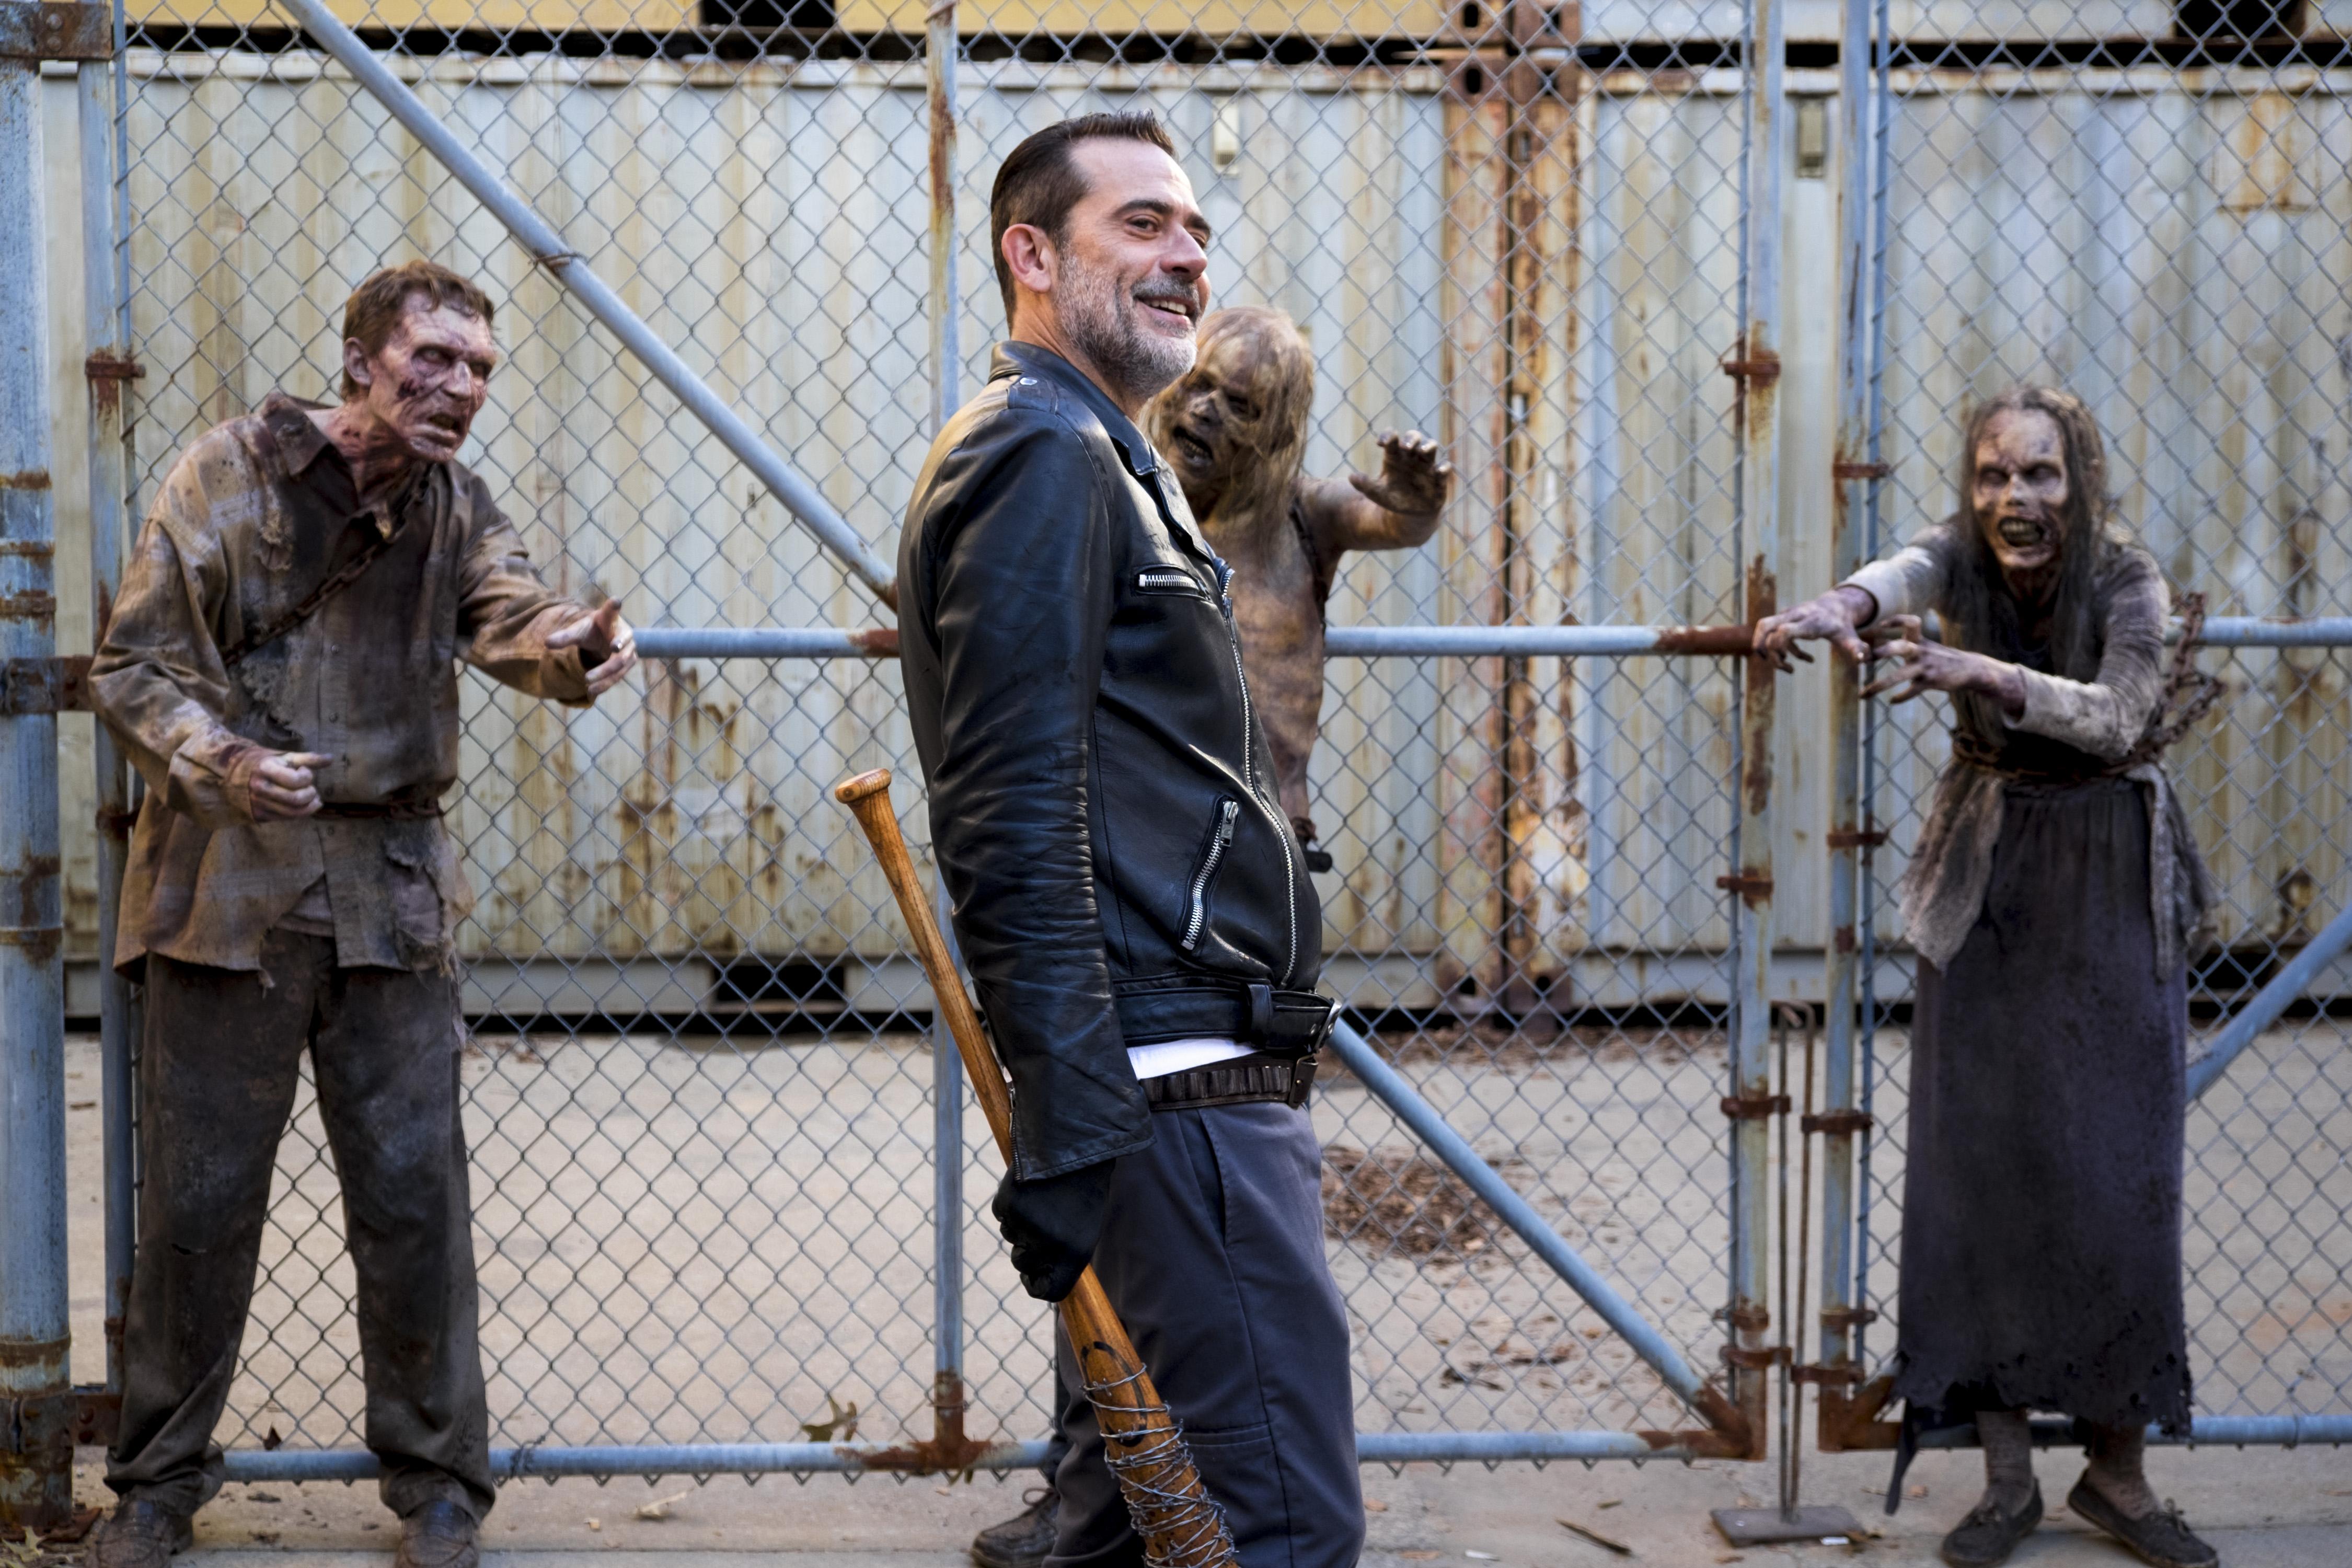 Negan (Jeffrey Dean Morgan) est prêt à toutes les bassesses dans sa guerre contre Rick - The Walking Dead - Saison 8, Épisode 11 - Crédit Photo: Gene Page/AMC